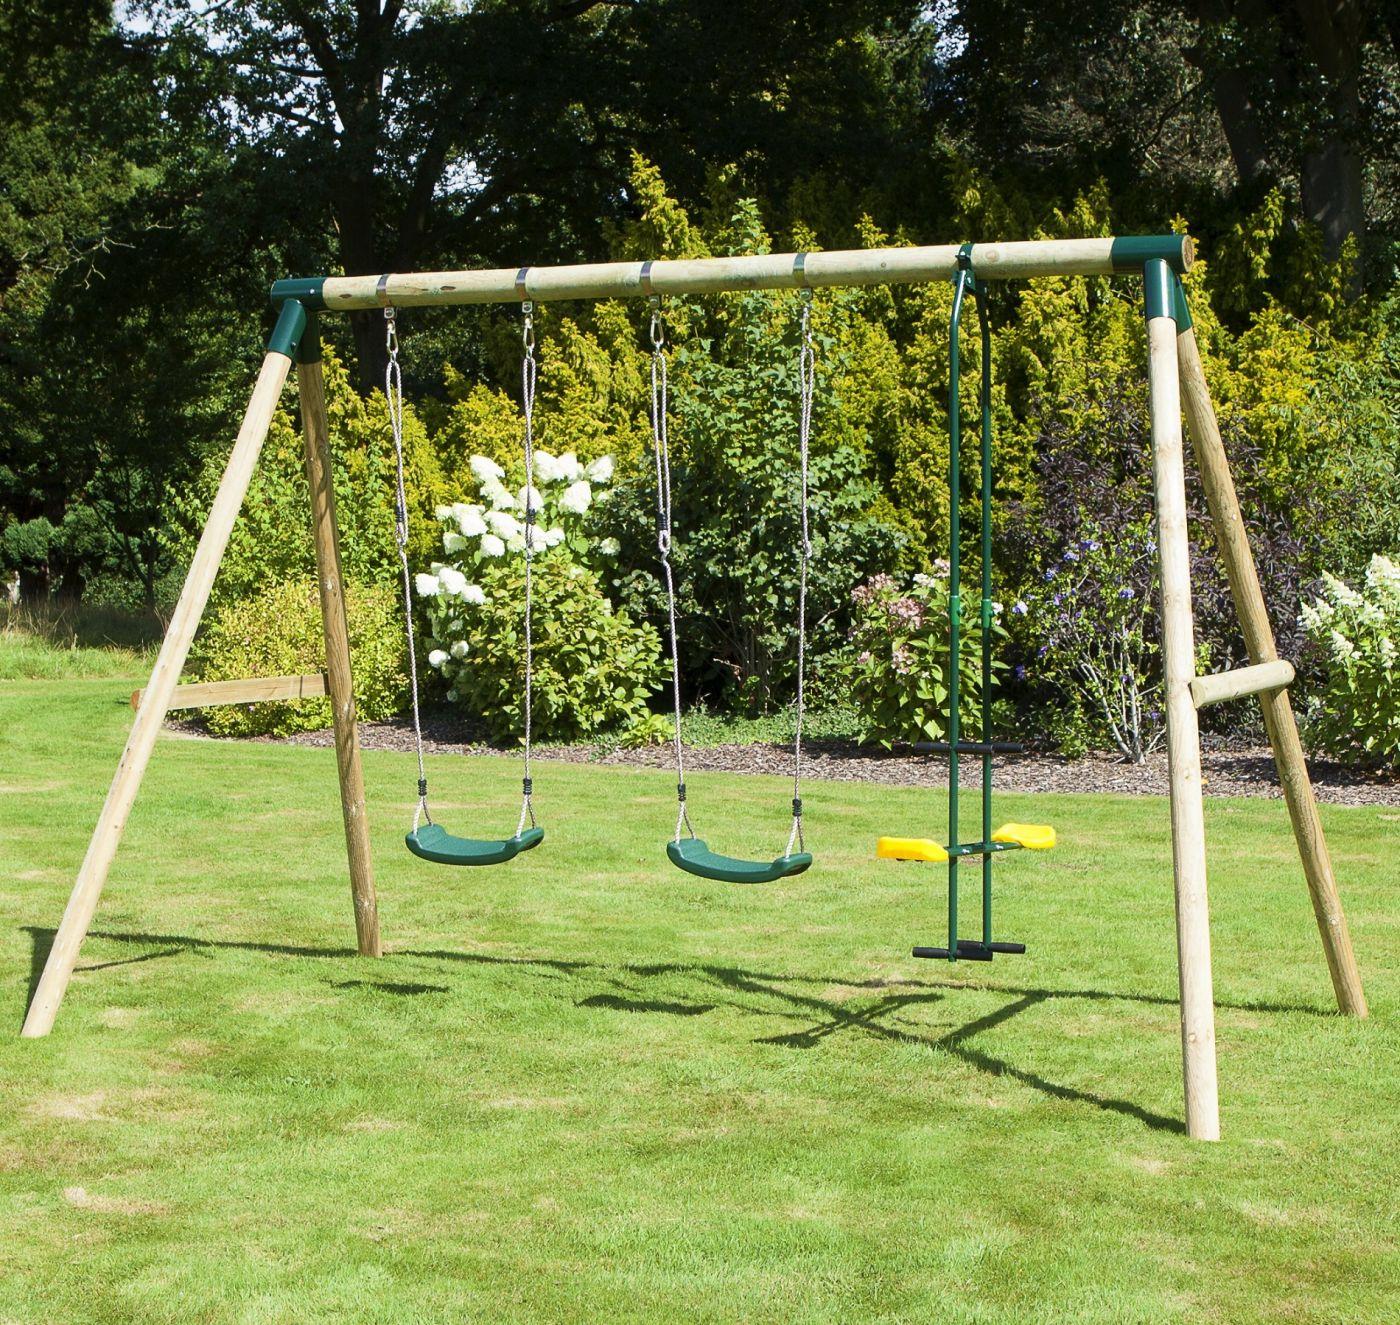 Rebo Neptune Wooden 3 In 1 Garden Swing Set For Just 179 95